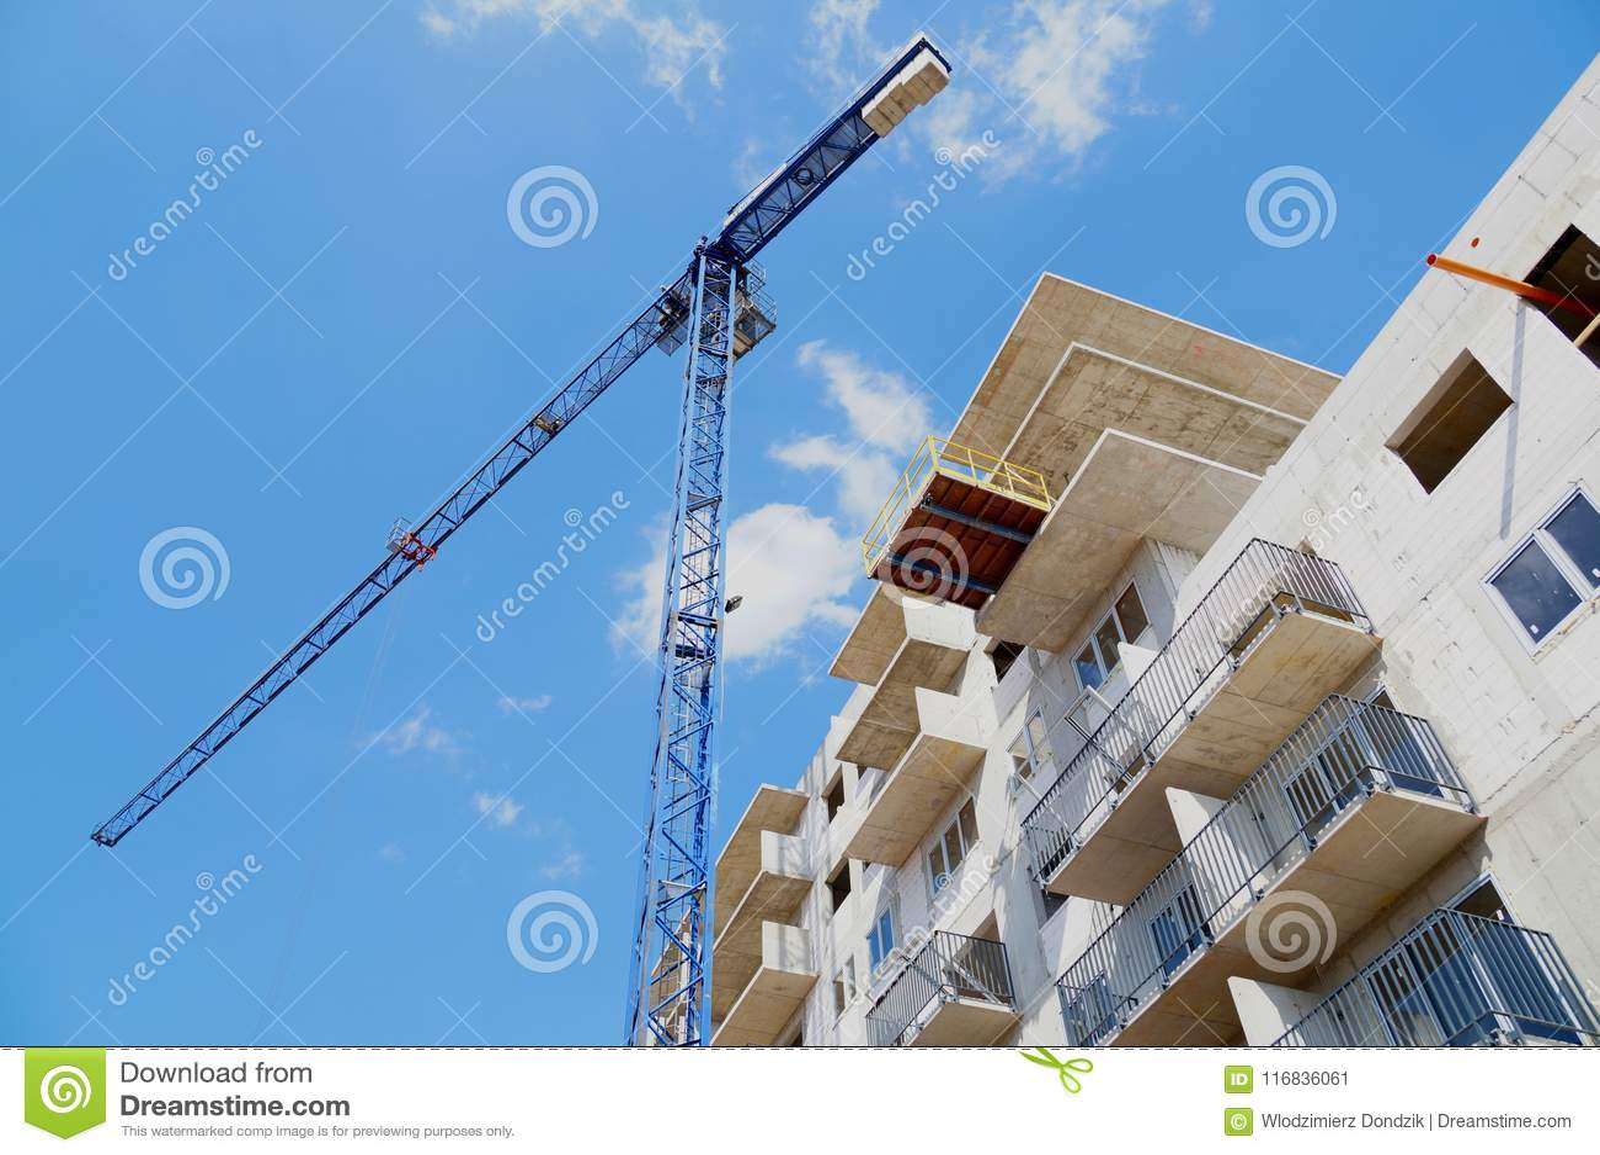 Byggnad under konstruktion, konstruktionskran mot himlen